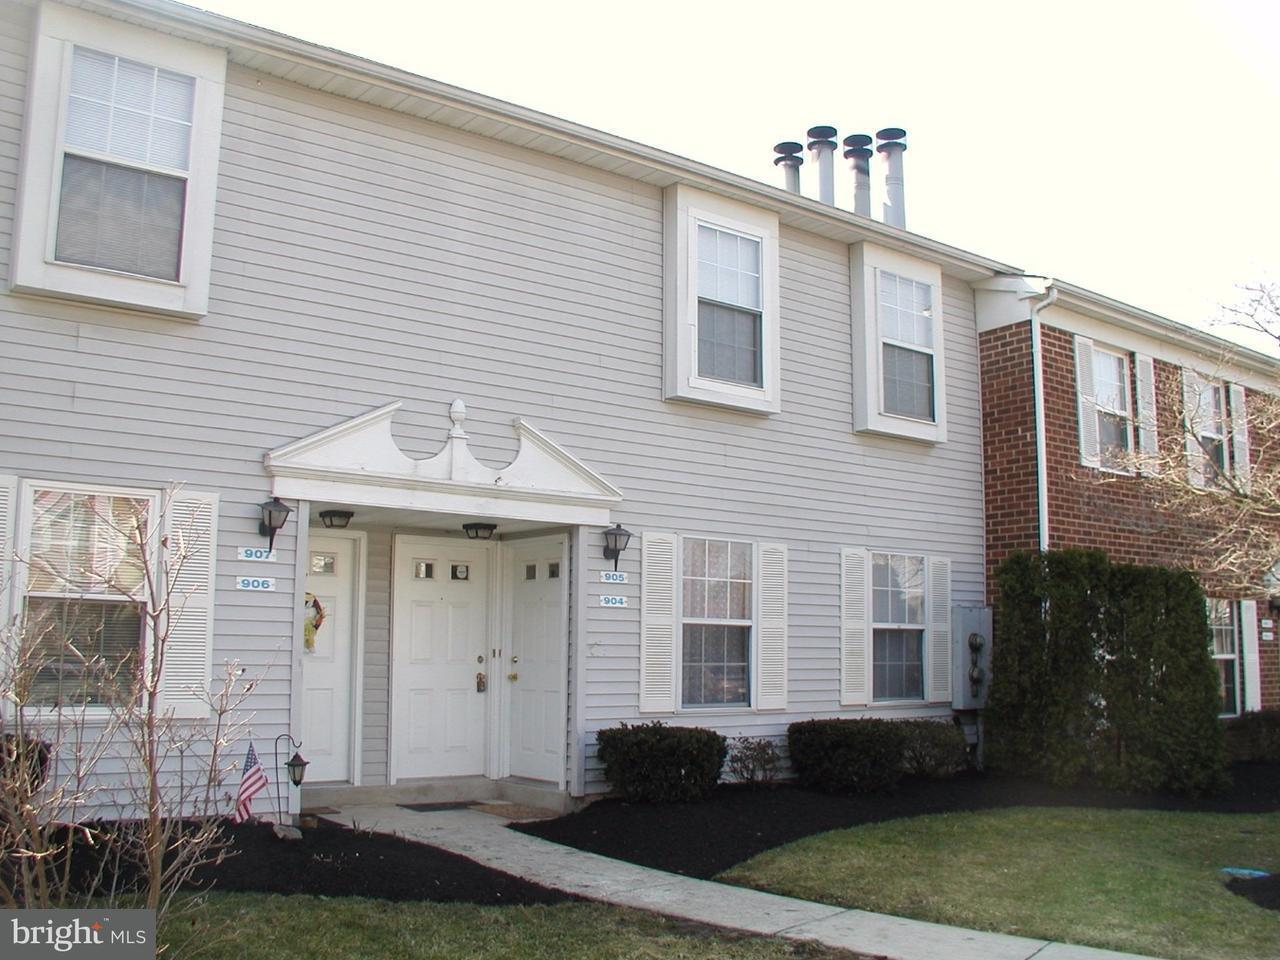 Casa Unifamiliar por un Alquiler en 905 HUNTINGDON MEWS Clementon, Nueva Jersey 08021 Estados Unidos